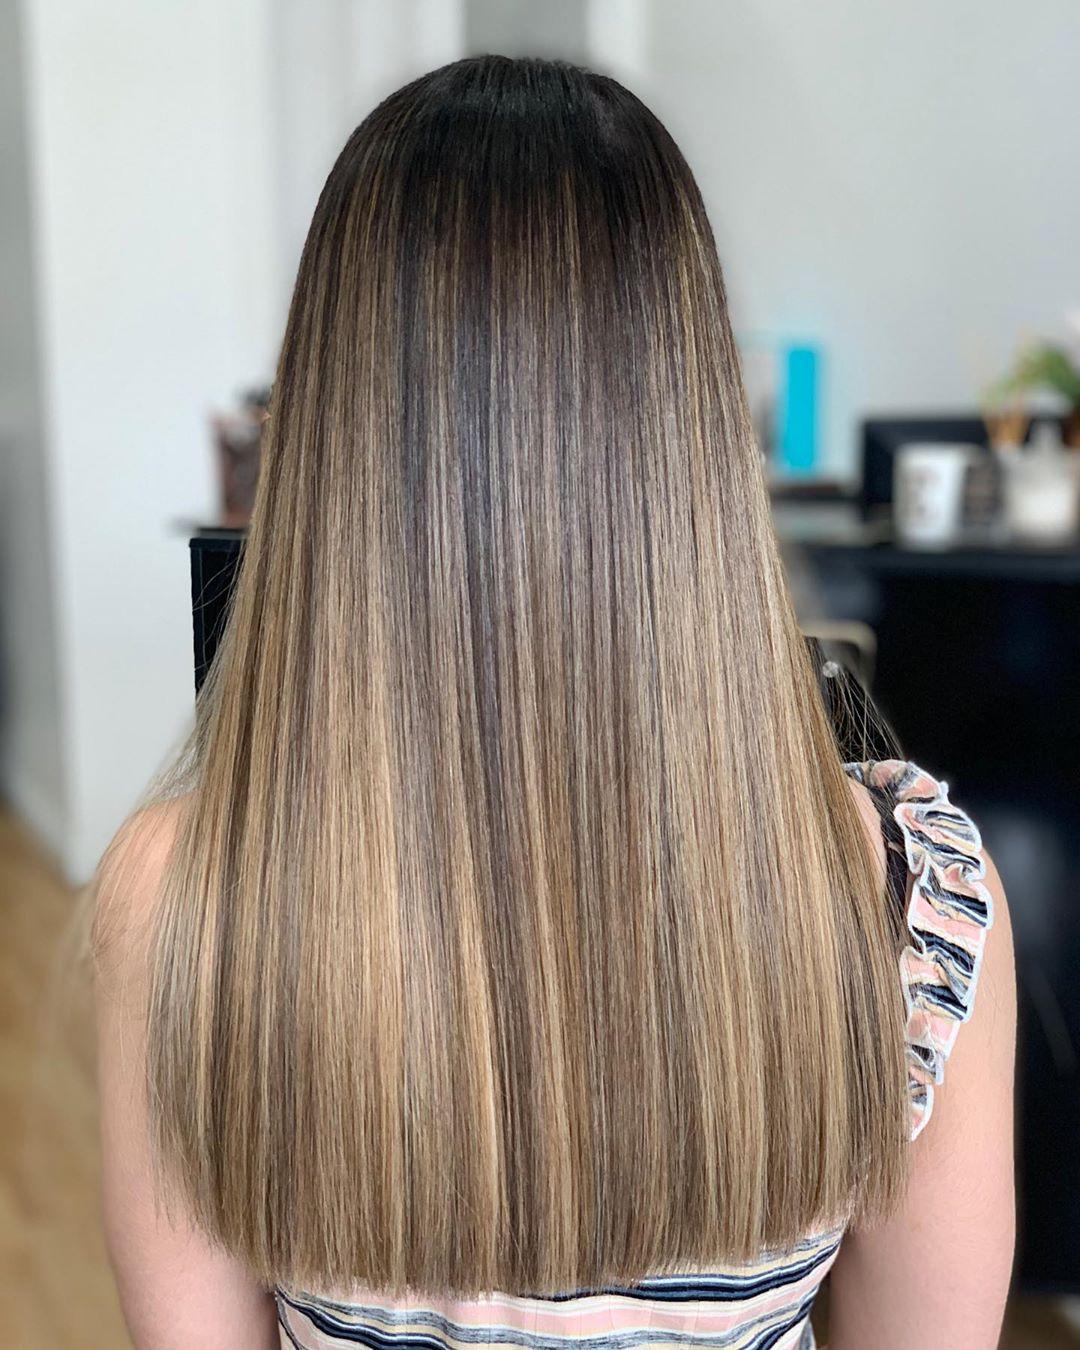 Balayage blond crème caramel sur cheveux foncés